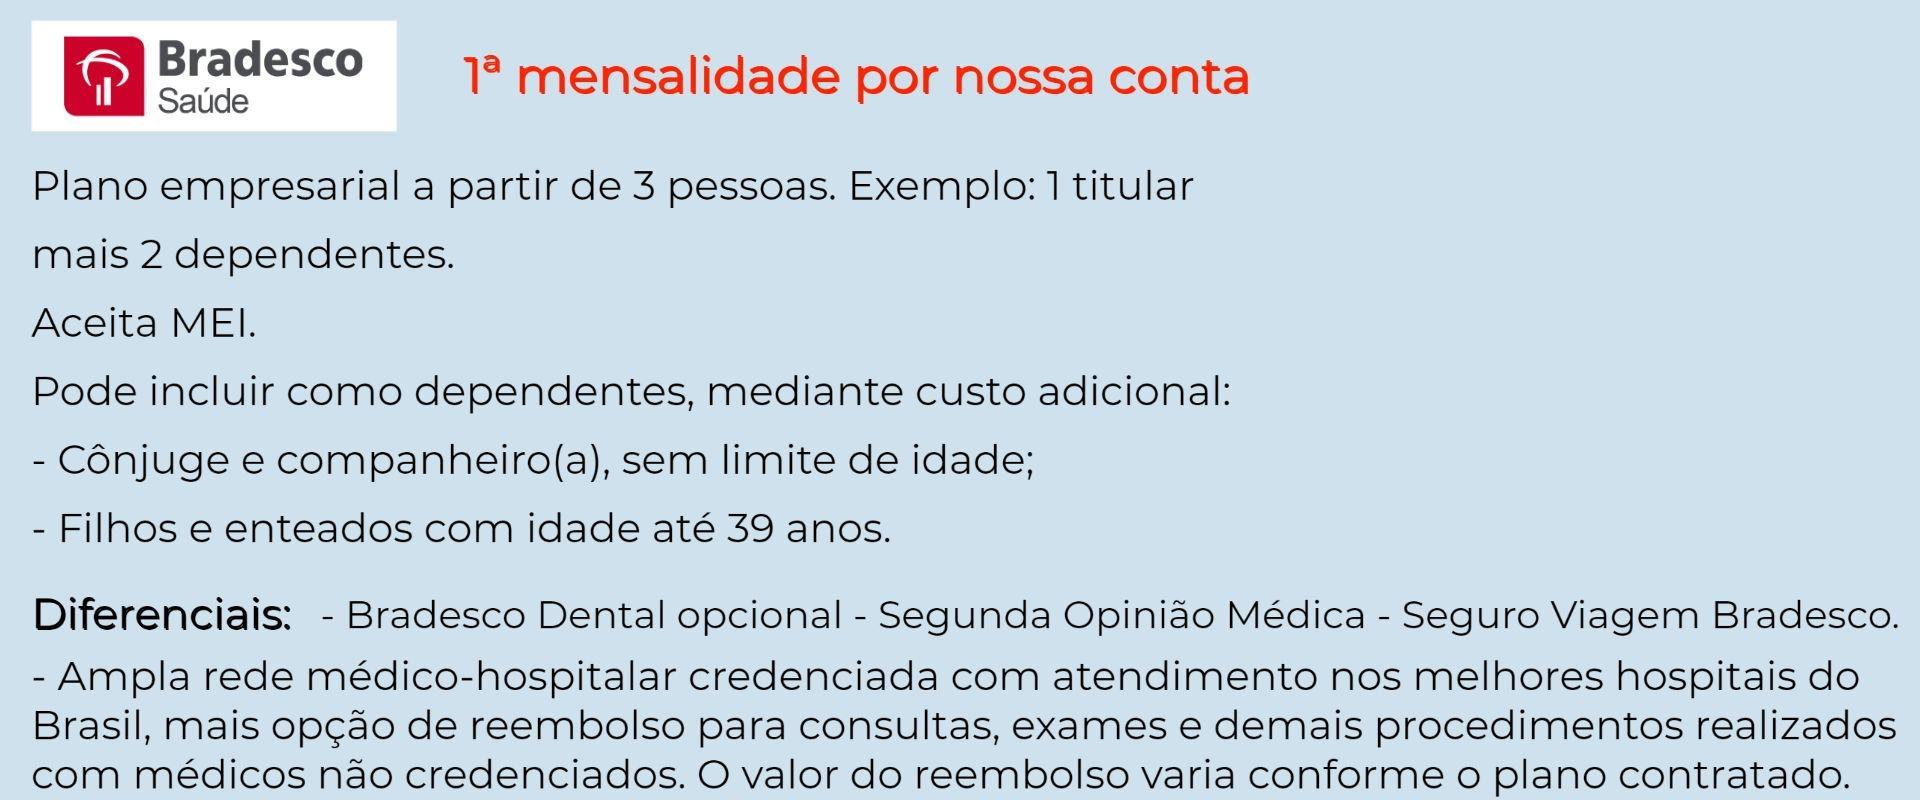 Bradesco Saúde Empresarial – Caetanópolis